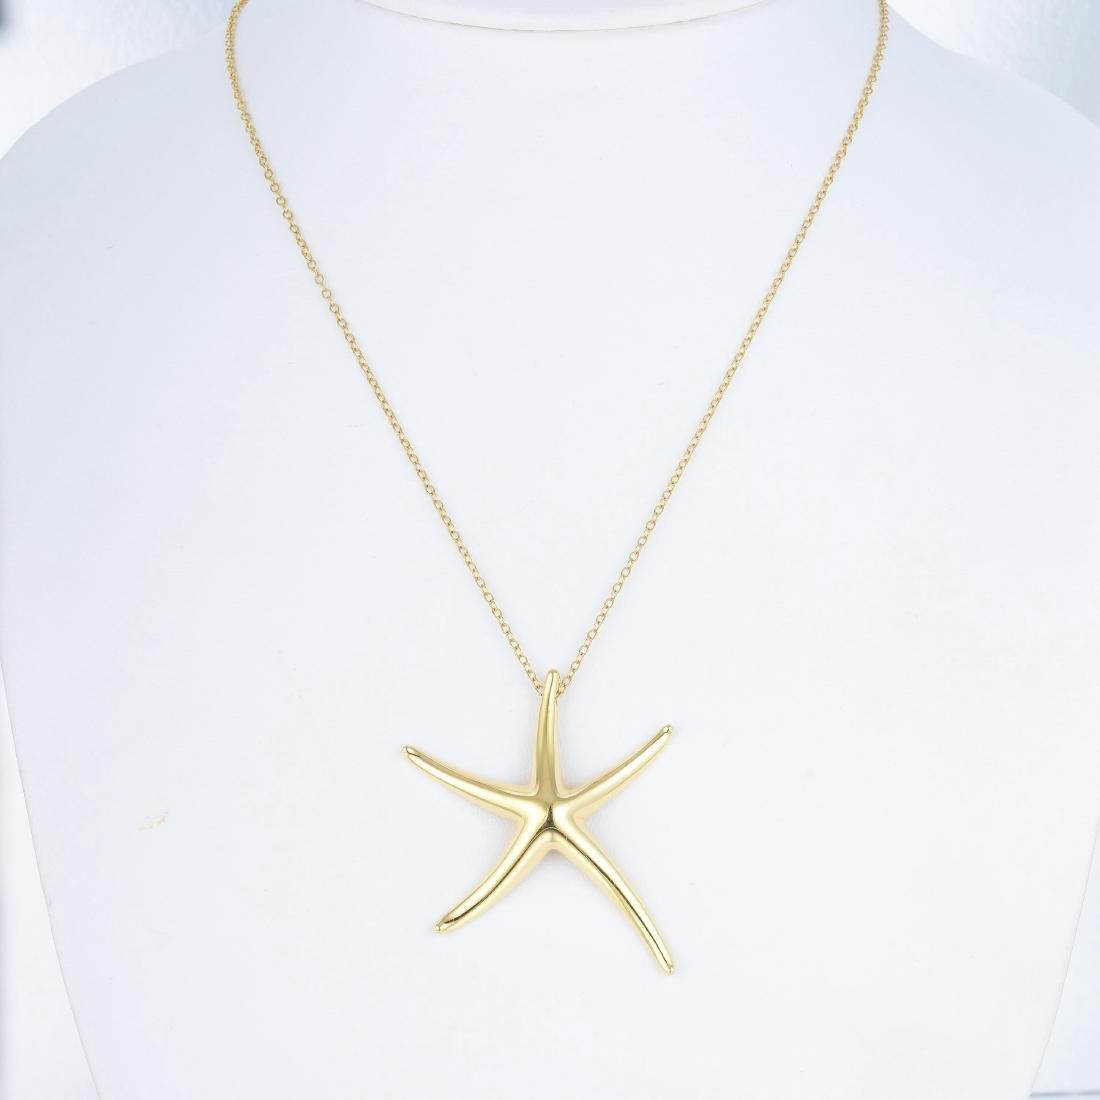 Tiffany & Co. Elsa Peretti Starfish Pendant Necklace - 6